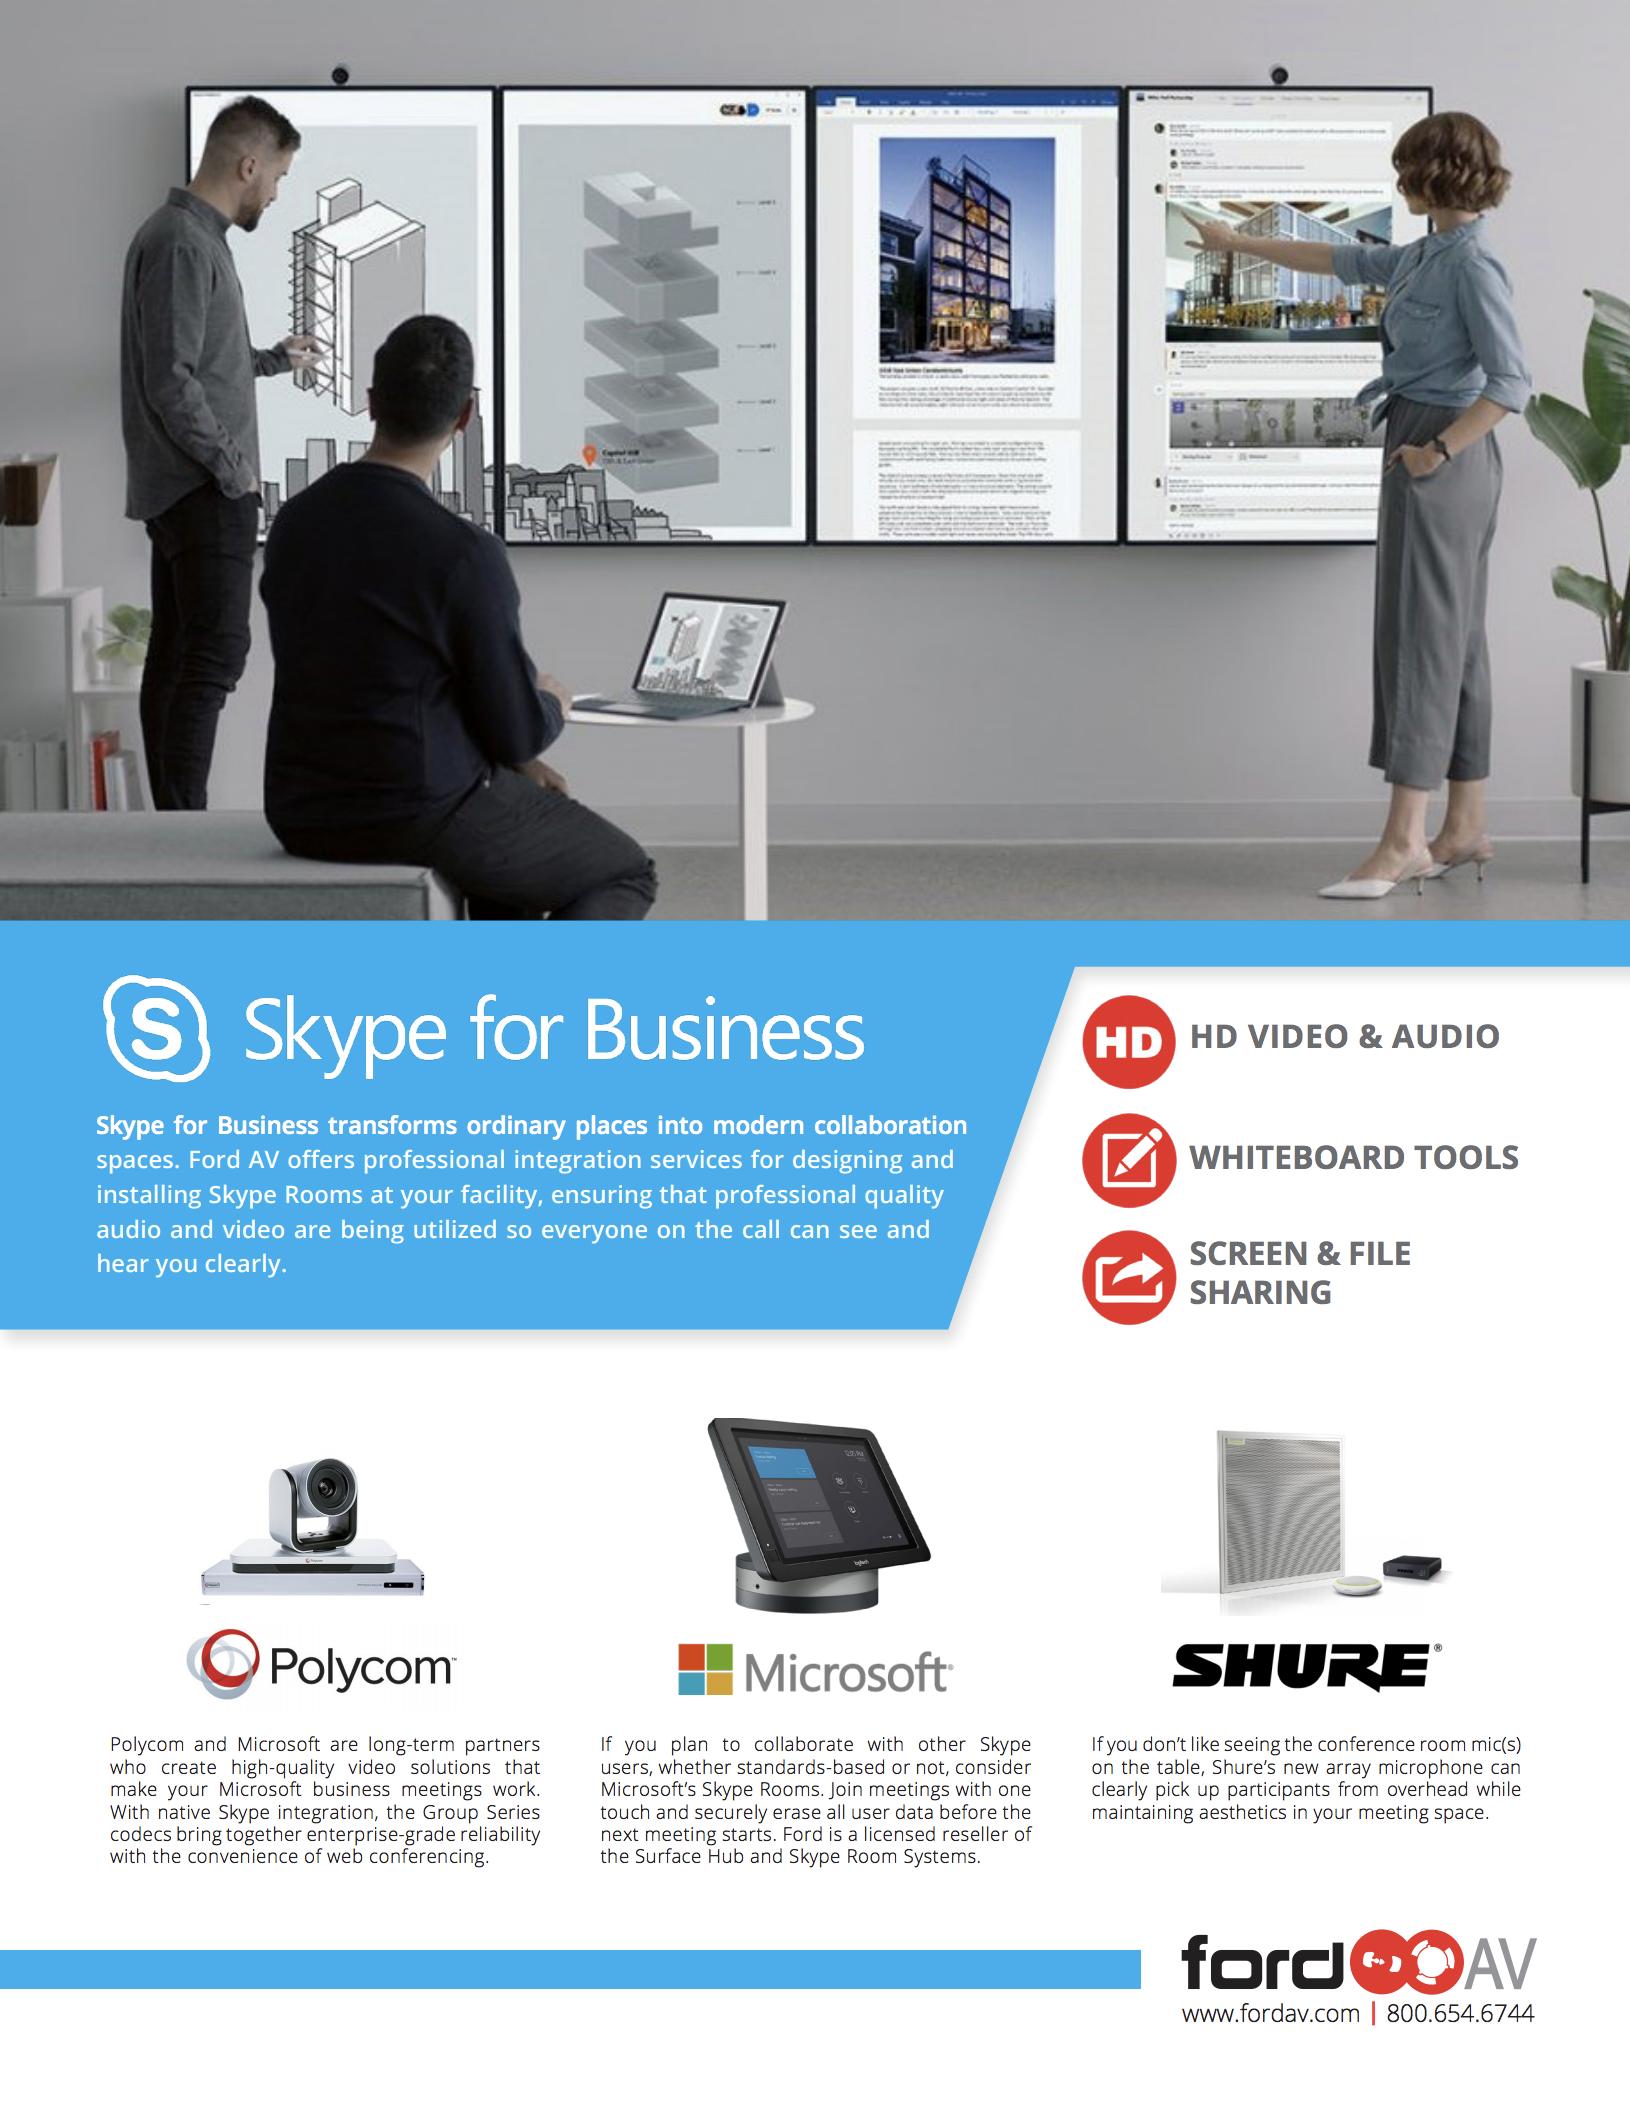 Skype for Business – Ford AV